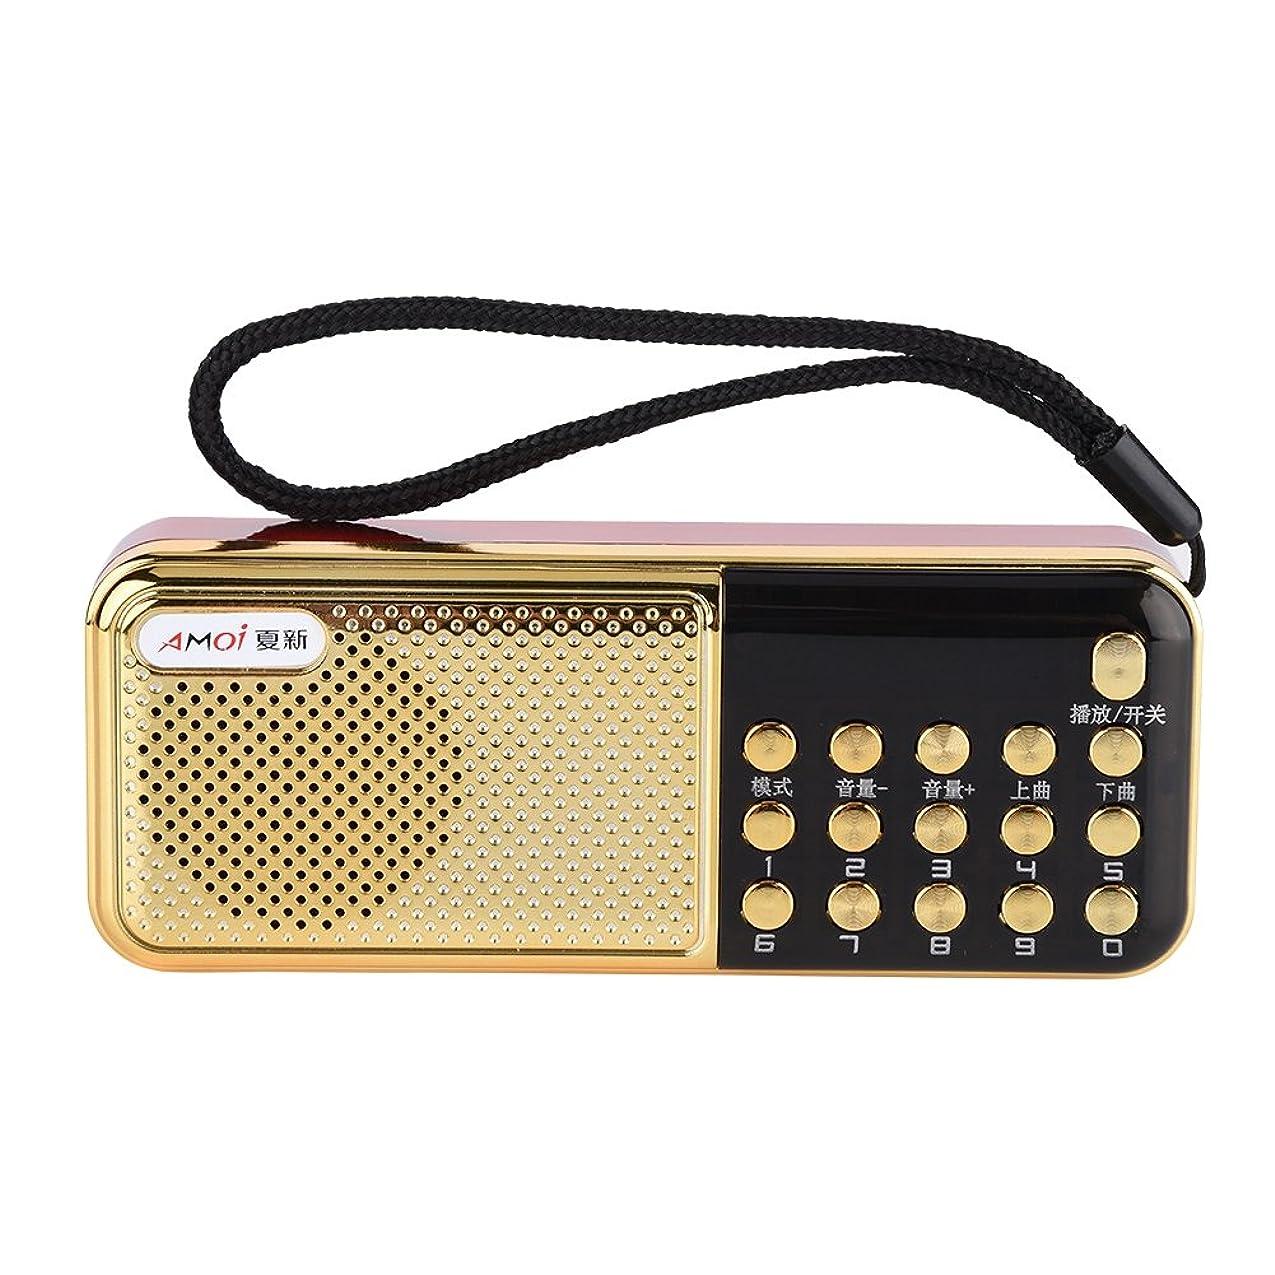 みなさん万一に備えて物思いにふけるVBESTLIFE M-11ミニスピーカーラジオ PWカットメモリ機能 MP3プレーヤーラジオ ポータブル 87.5-108MHz 高品質 高音質 FMスピーカーラジオ